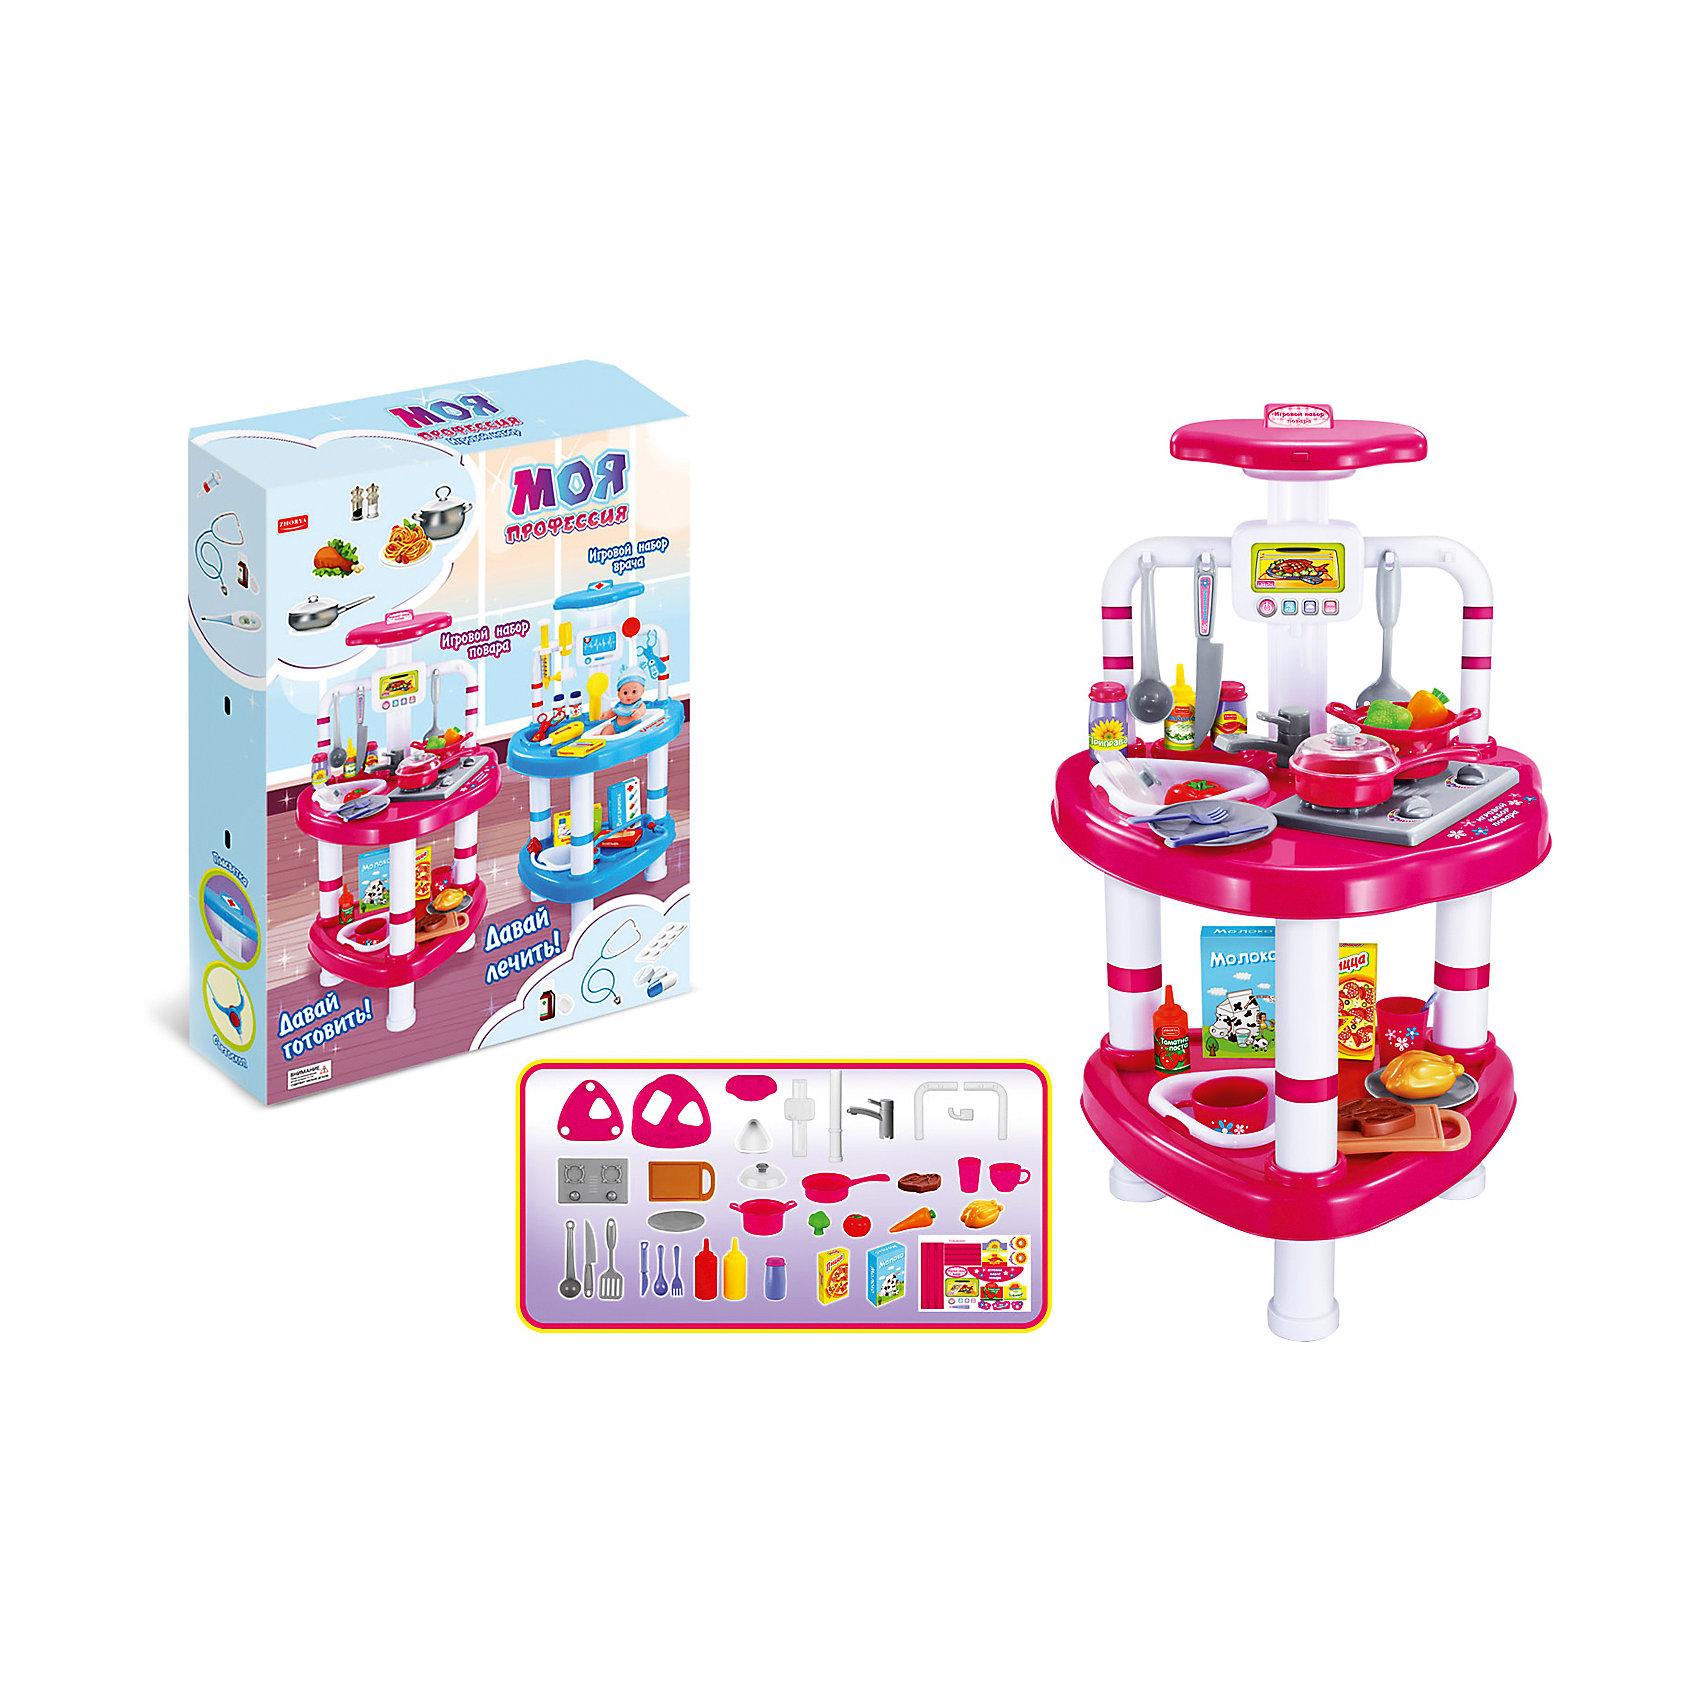 Игровой набор Shantou Gepai Повар, со светомСюжетно-ролевые игры<br>Характеристики:<br><br>• в комплекте: столик, посуда, продукты, кухонные принадлежности;<br>• материал: пластик;<br>• световые эффекты;<br>• возраст: от 3-х лет;<br>• размер упаковки: 53х10х42 см;<br>• вес:  1,91 кг;<br>• страна: Китай.<br><br>Набор от Shantou Gepai порадует каждого кулинара. Юный повар научится готовить вкусные блюда, чтобы потом помогать маме по дому. <br><br>В комплект входят все необходимые продукты и посуда. За столиком ребенок сможет удобно расположиться, чтобы начать процесс приготовления. <br><br>Набор отлично подходит для сюжетно-ролевых игр. Встроенные световые эффекты сделают игру еще интереснее.<br><br>Игровой набор Повар, со светом, Shantou Gepai (Шанту Гепай) можно купить в нашем интернет-магазине.<br><br>Ширина мм: 420<br>Глубина мм: 100<br>Высота мм: 530<br>Вес г: 1910<br>Возраст от месяцев: 36<br>Возраст до месяцев: 2147483647<br>Пол: Женский<br>Возраст: Детский<br>SKU: 6846885